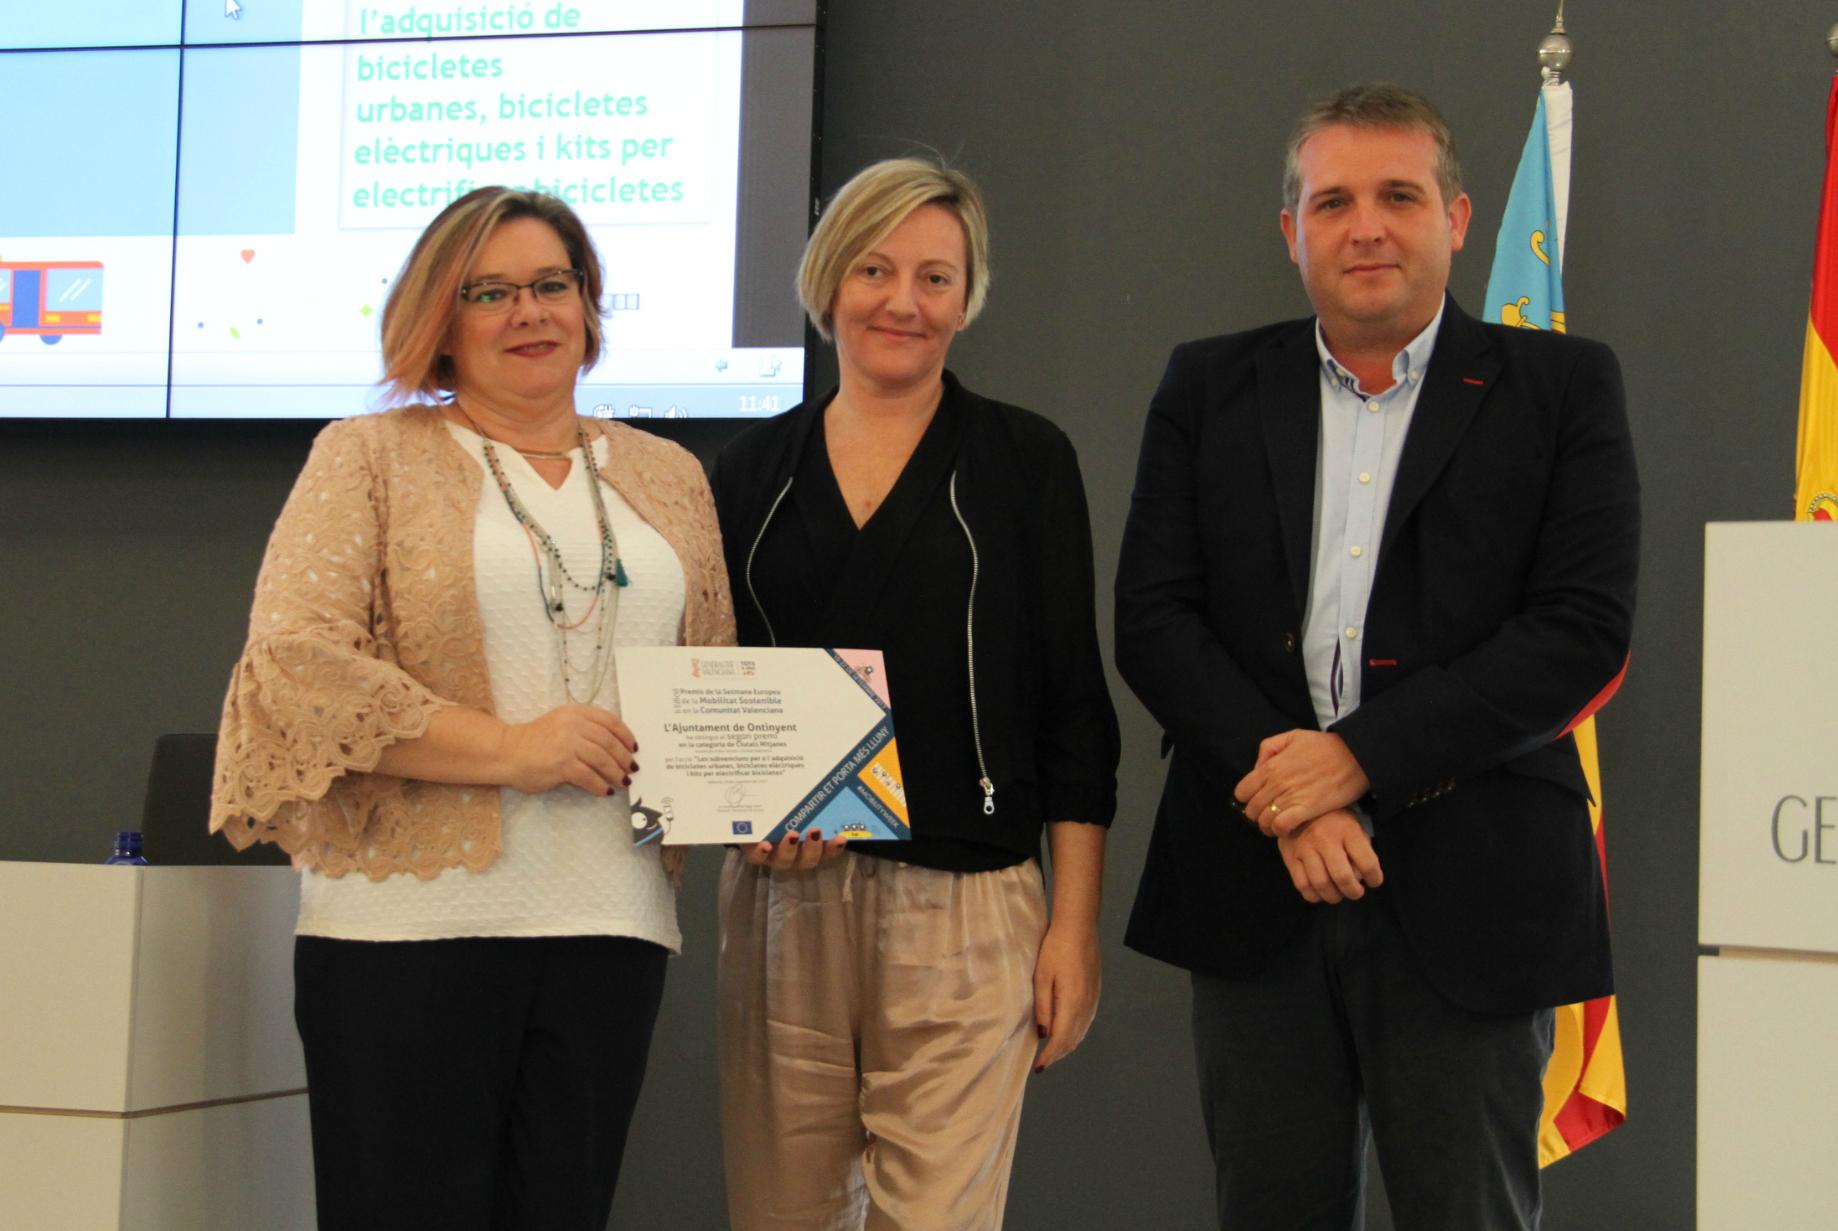 Premi a Ontinyent per fomentar la mobilitat sostenible El Periòdic d'Ontinyent